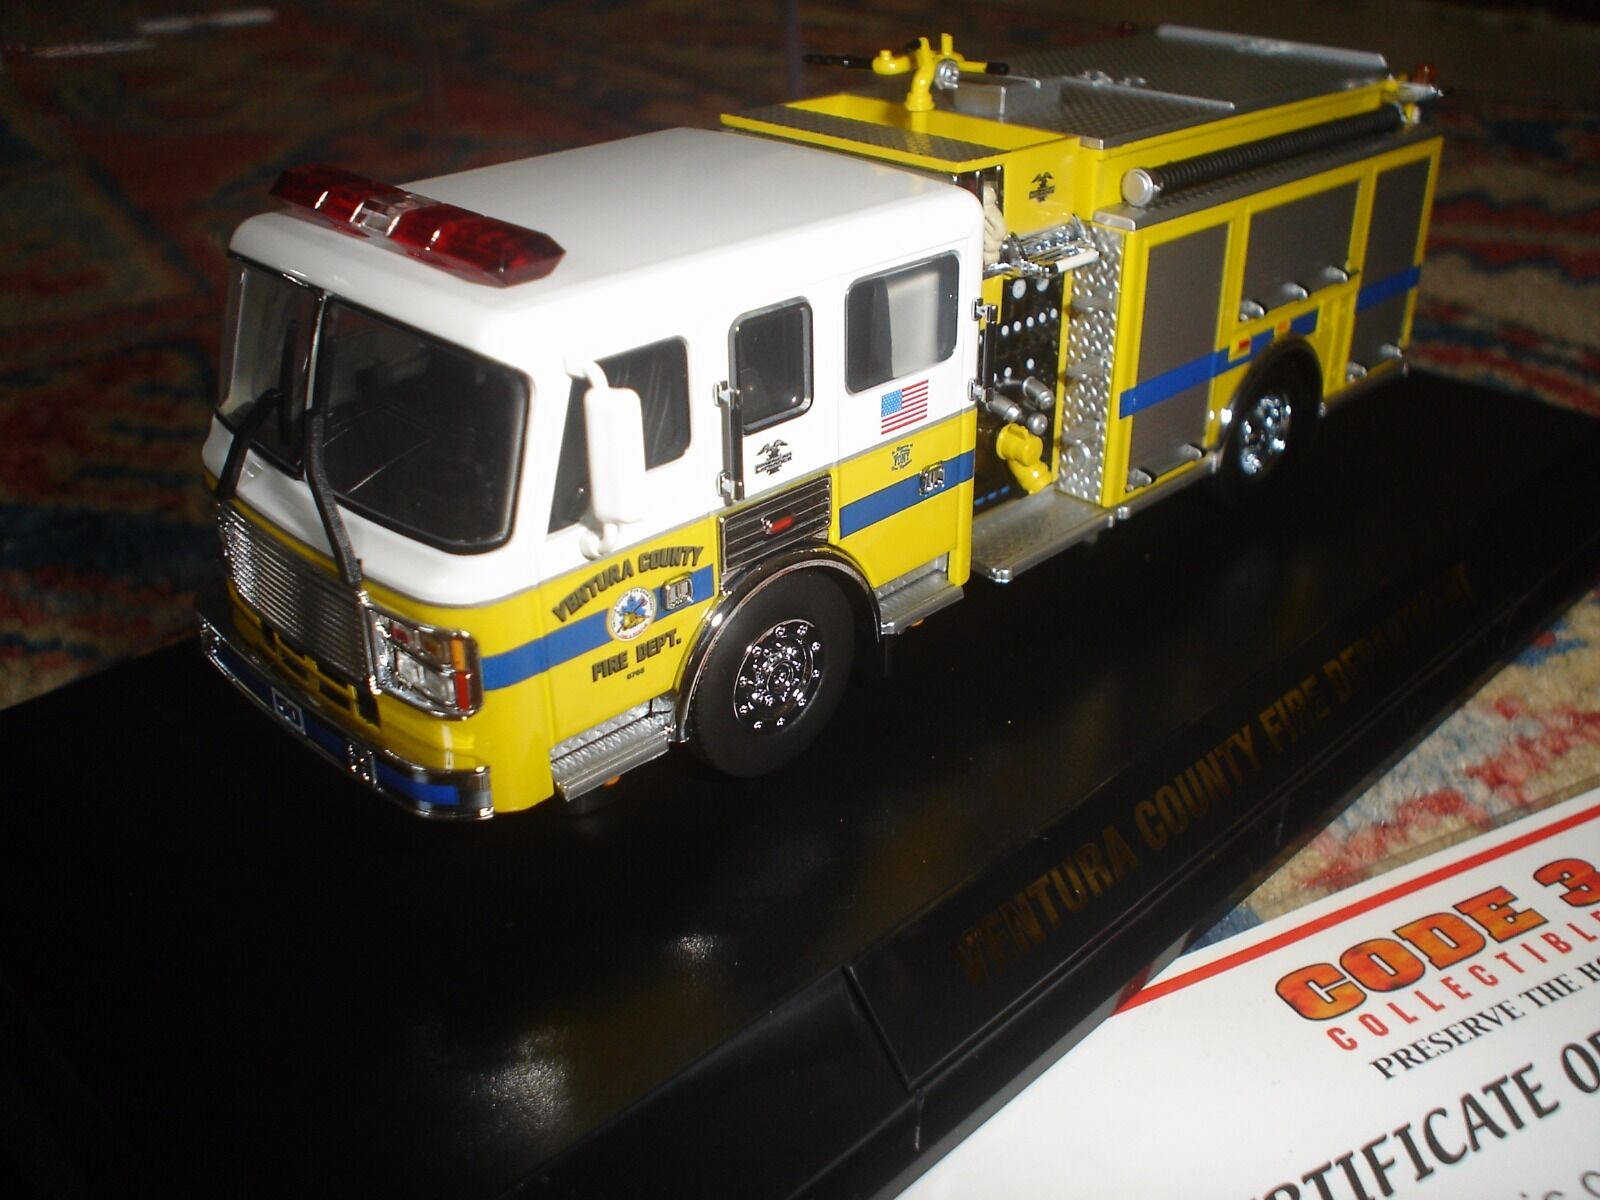 CODE 3 – FDNY  – VENTURA COUNTY FIRE DEPT. ALF PUMPER   E-50